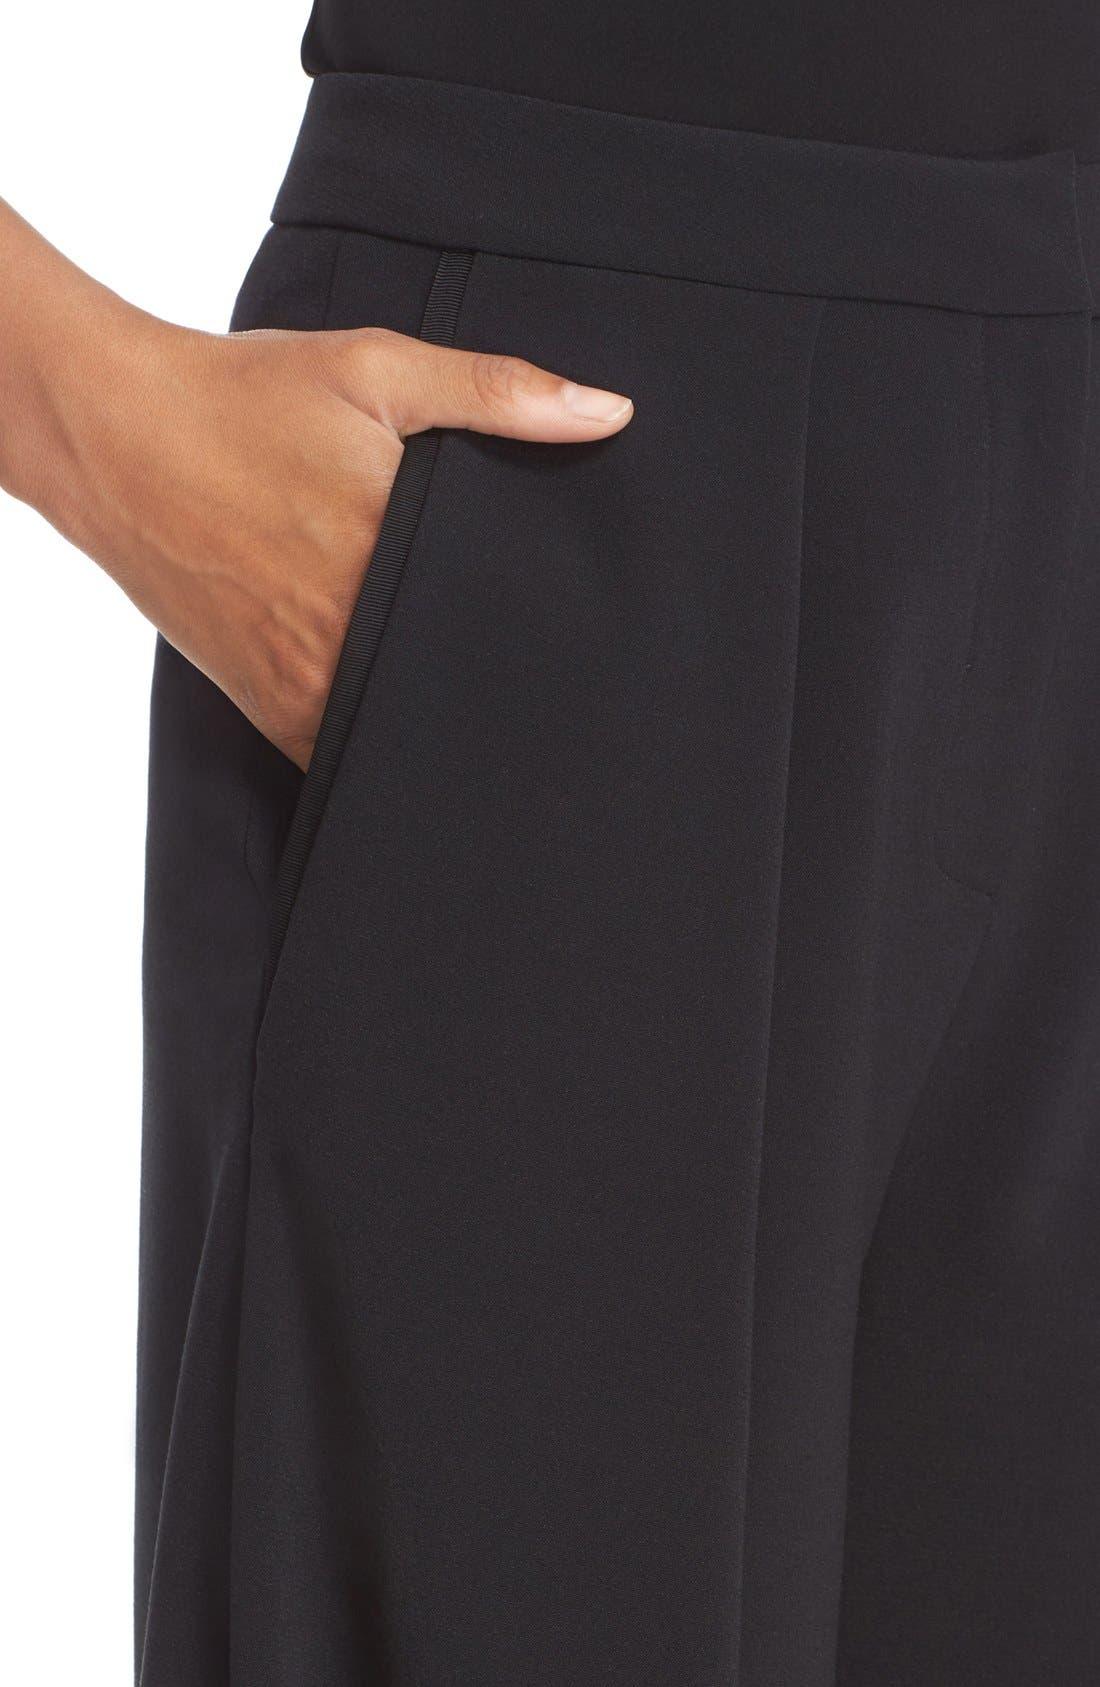 Devon Culottes,                             Alternate thumbnail 3, color,                             BLACK